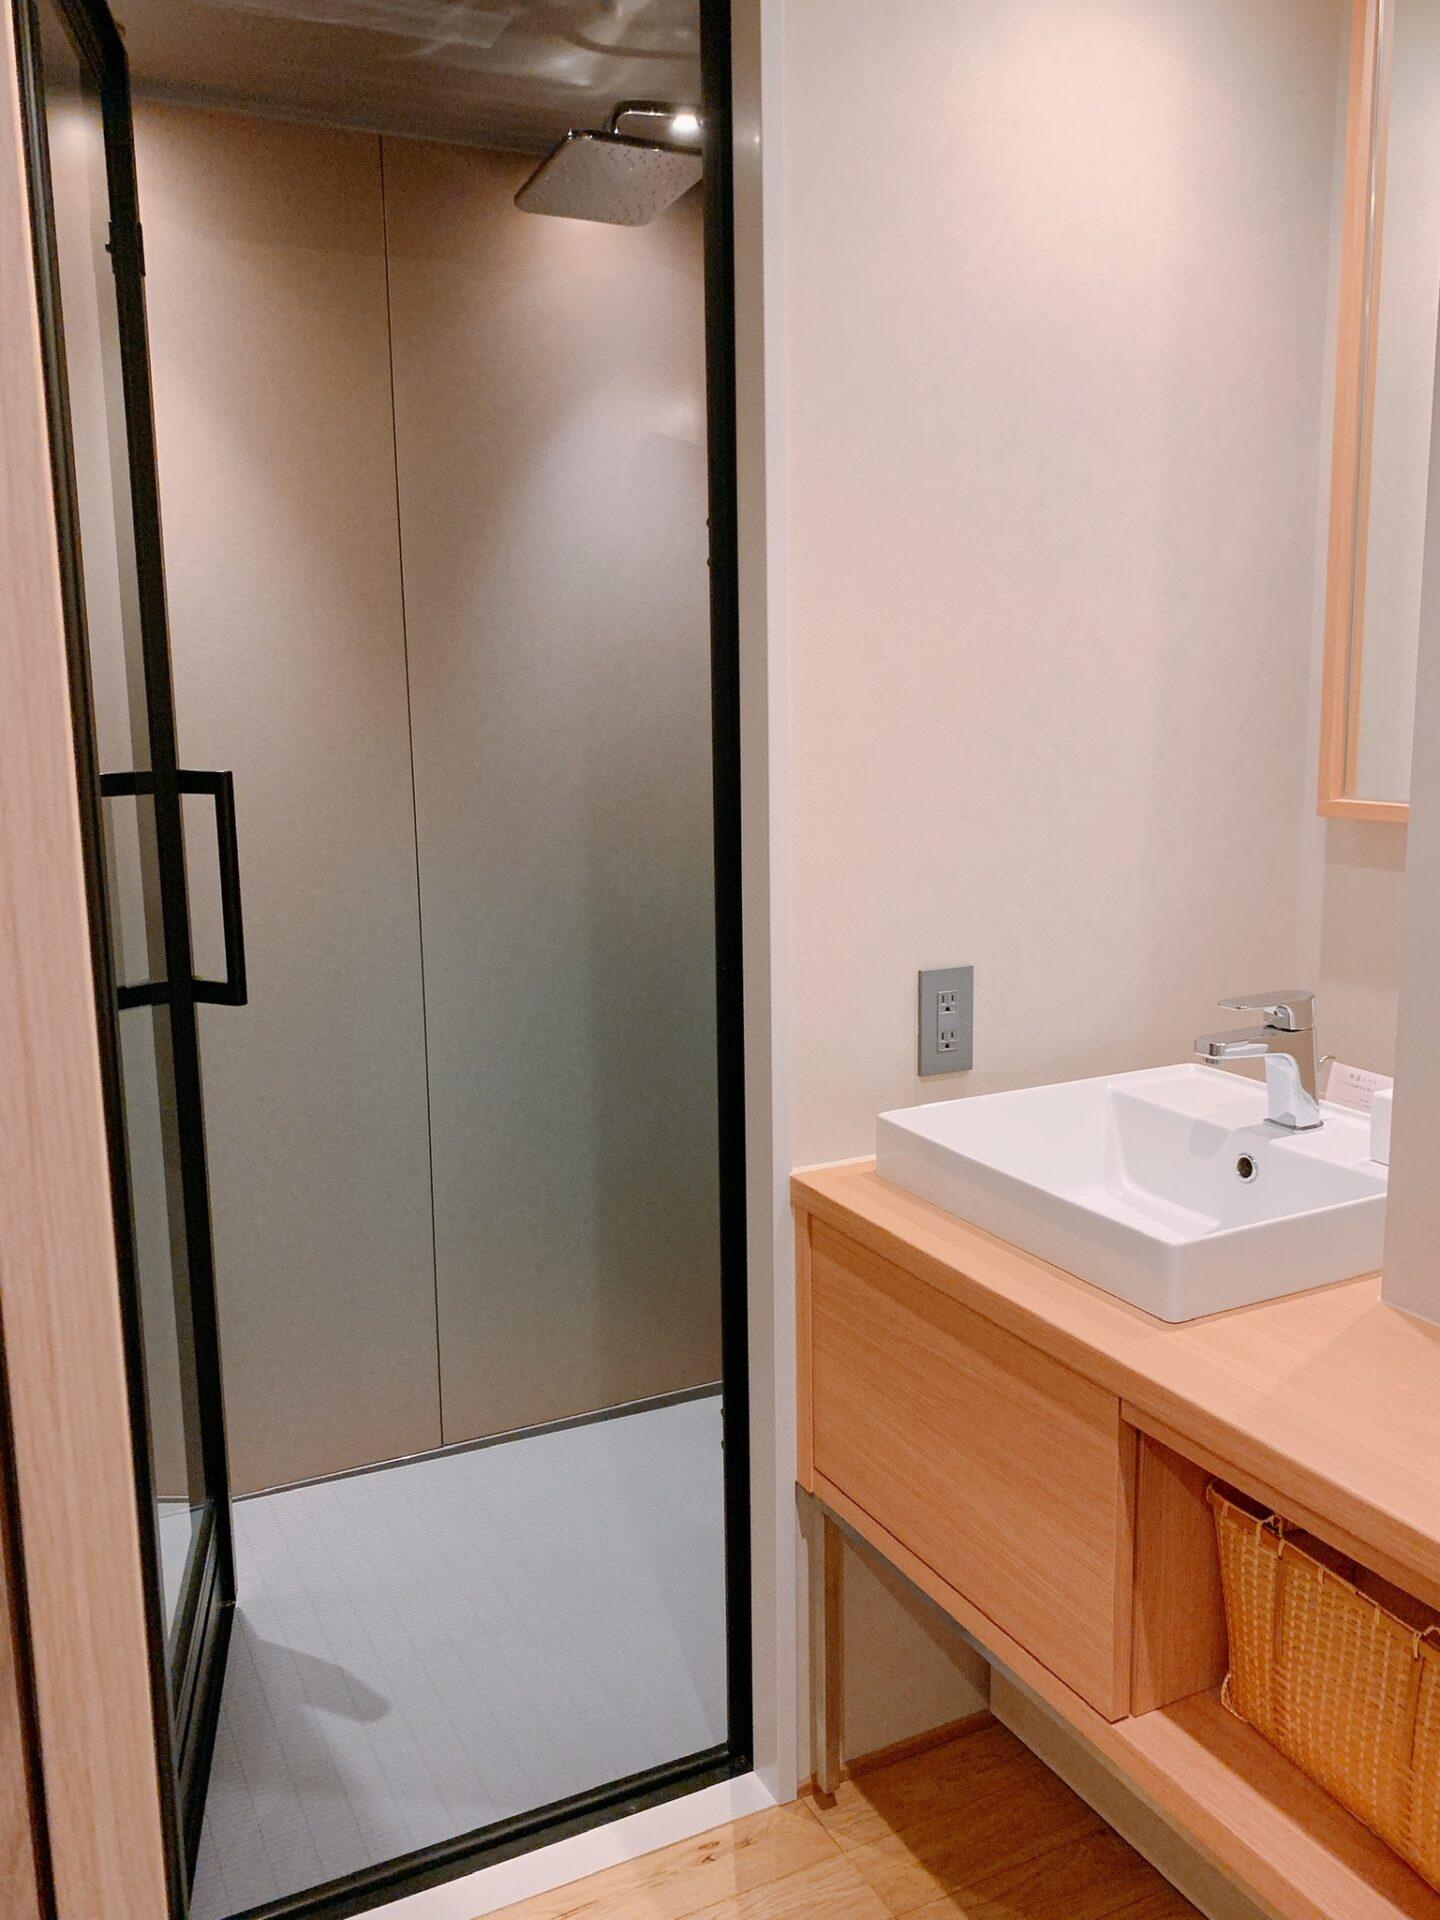 由縁札幌の客室にあるシャワールーム